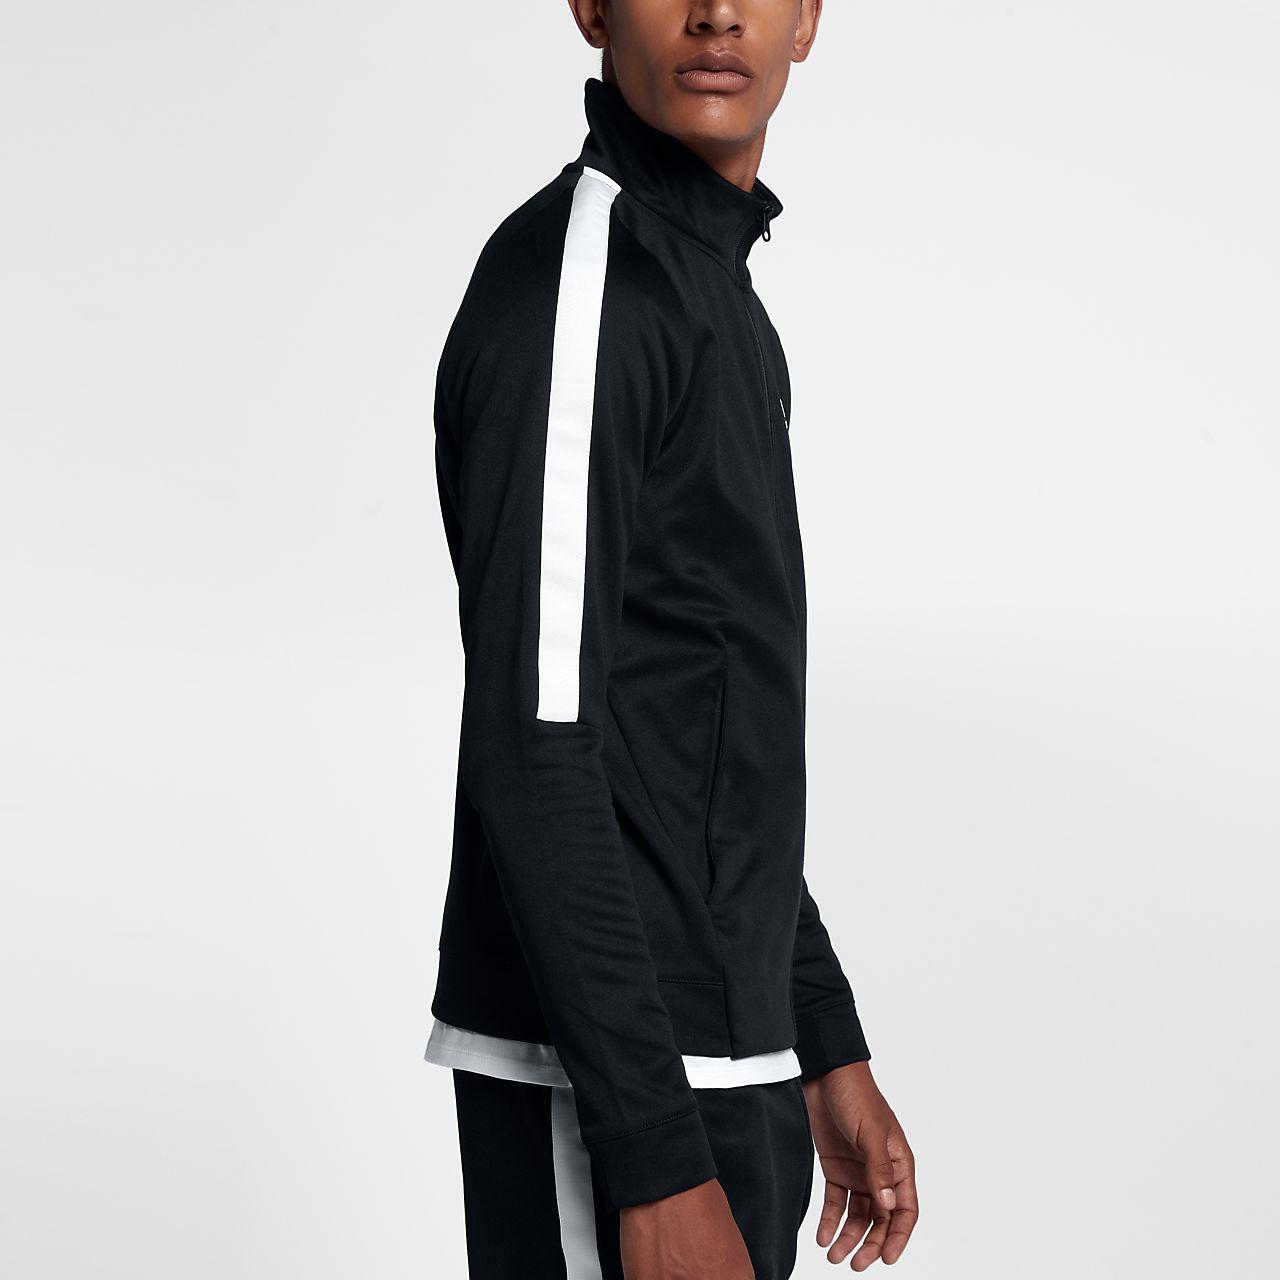 Nike National 98Veste pour Homme - Noir - Noir, 40 EU